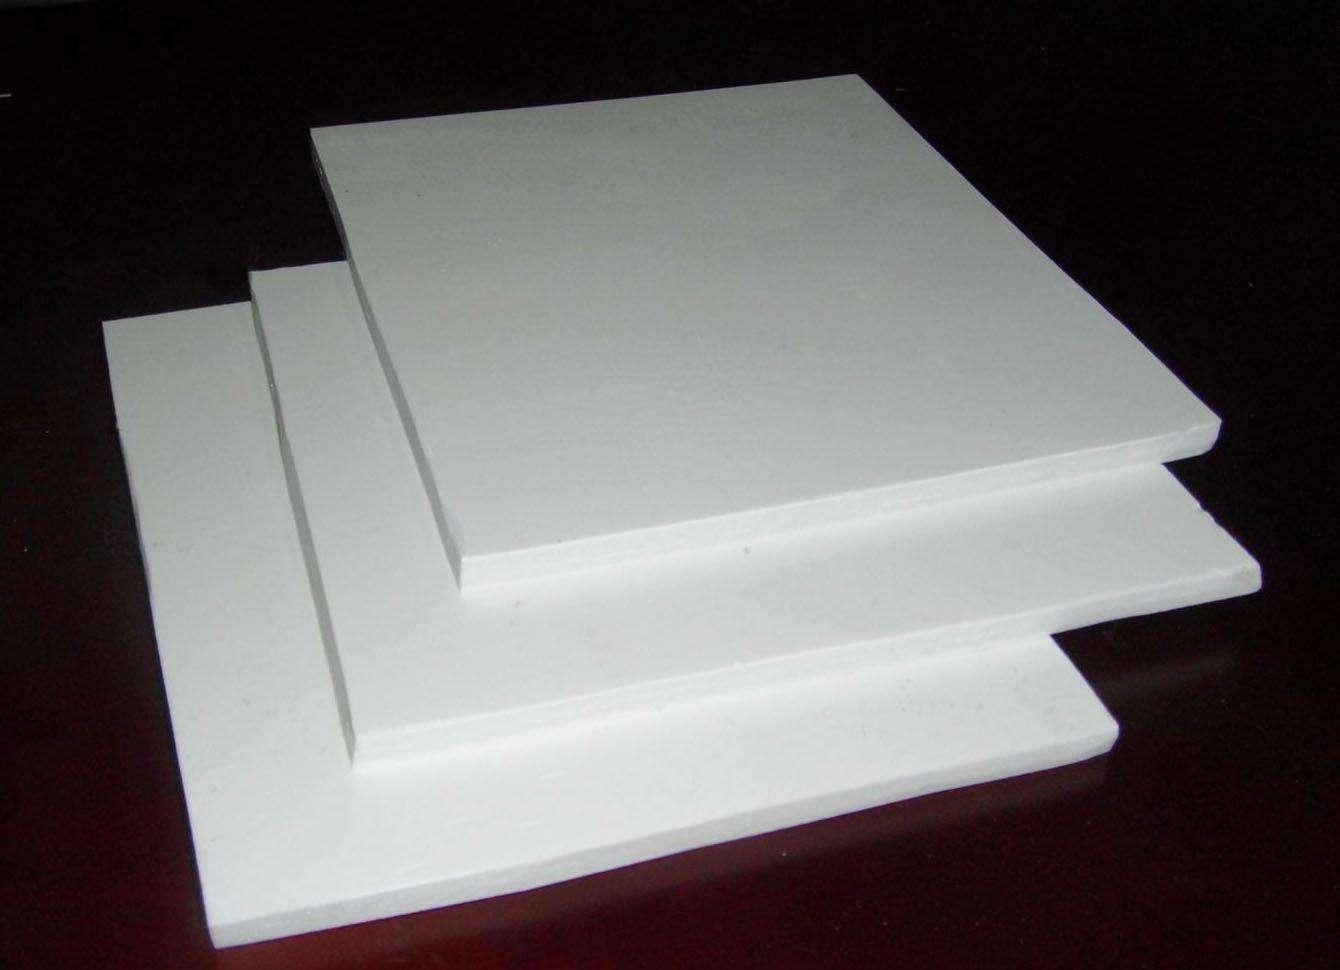 贵州玻璃钢板,玻璃钢板生产厂家,玻璃钢板批发价格